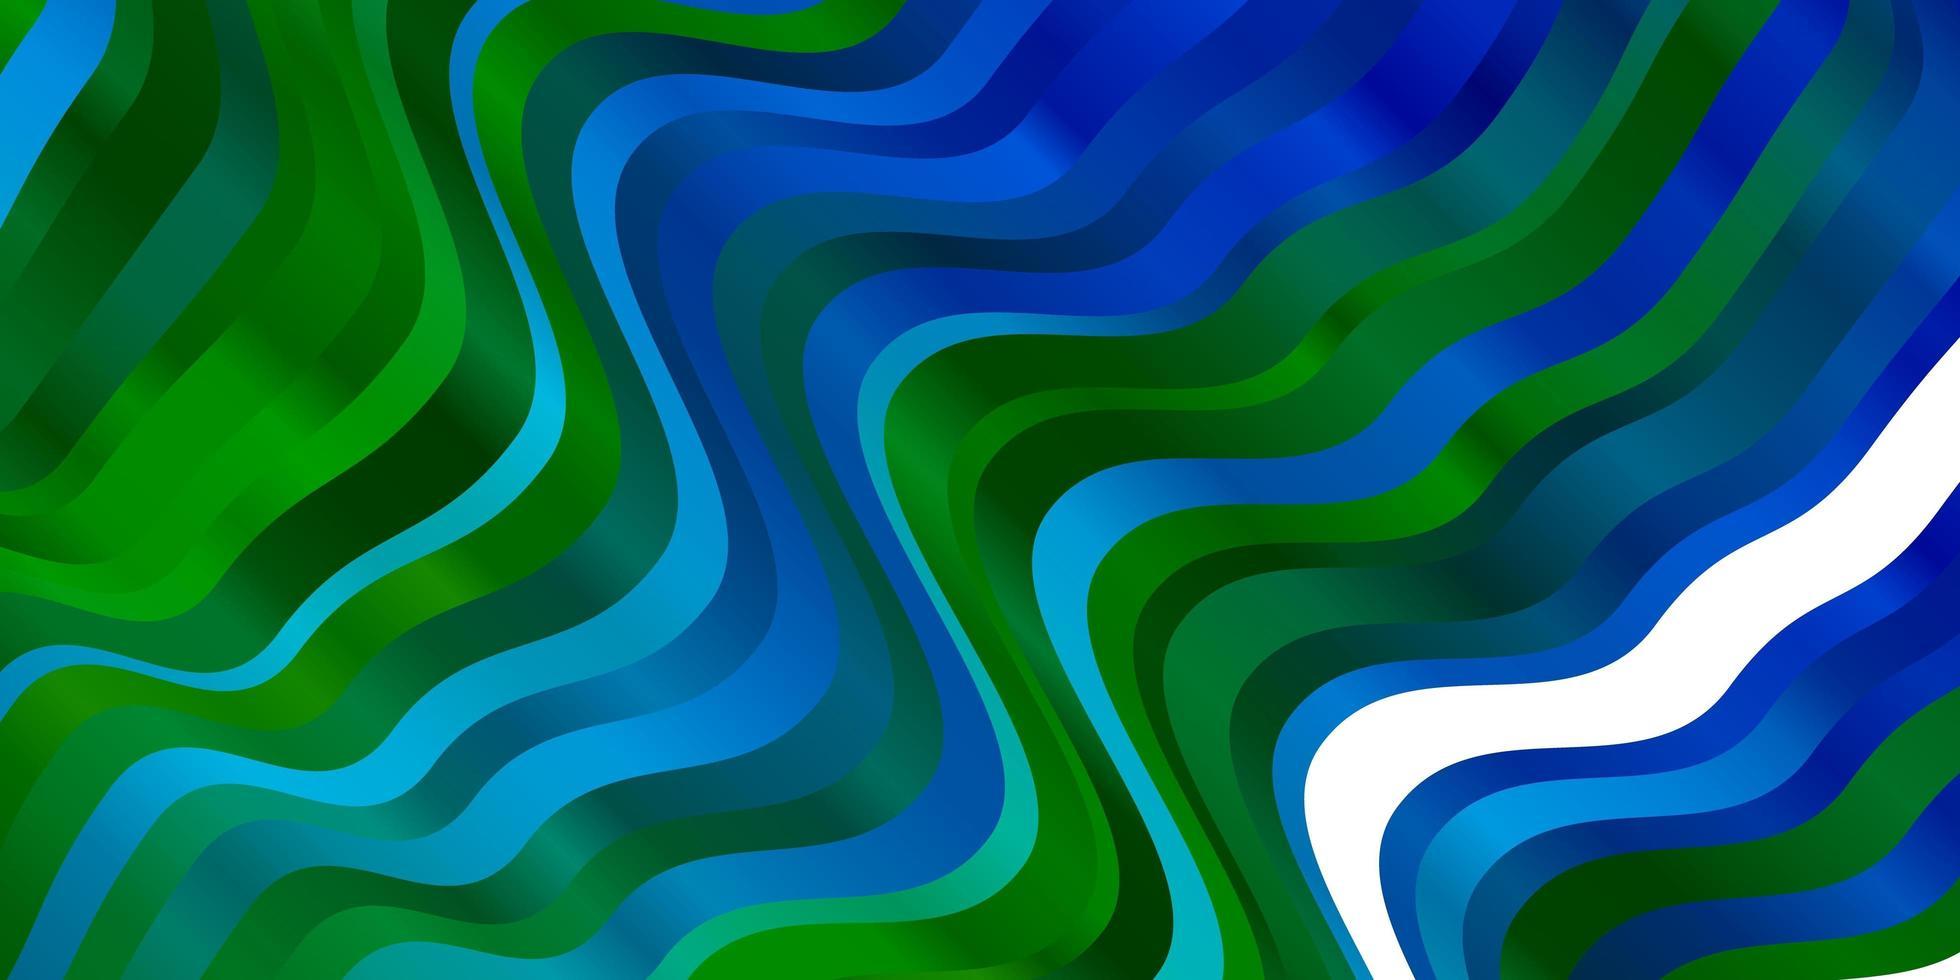 pano de fundo vector azul e verde claro com arco circular.